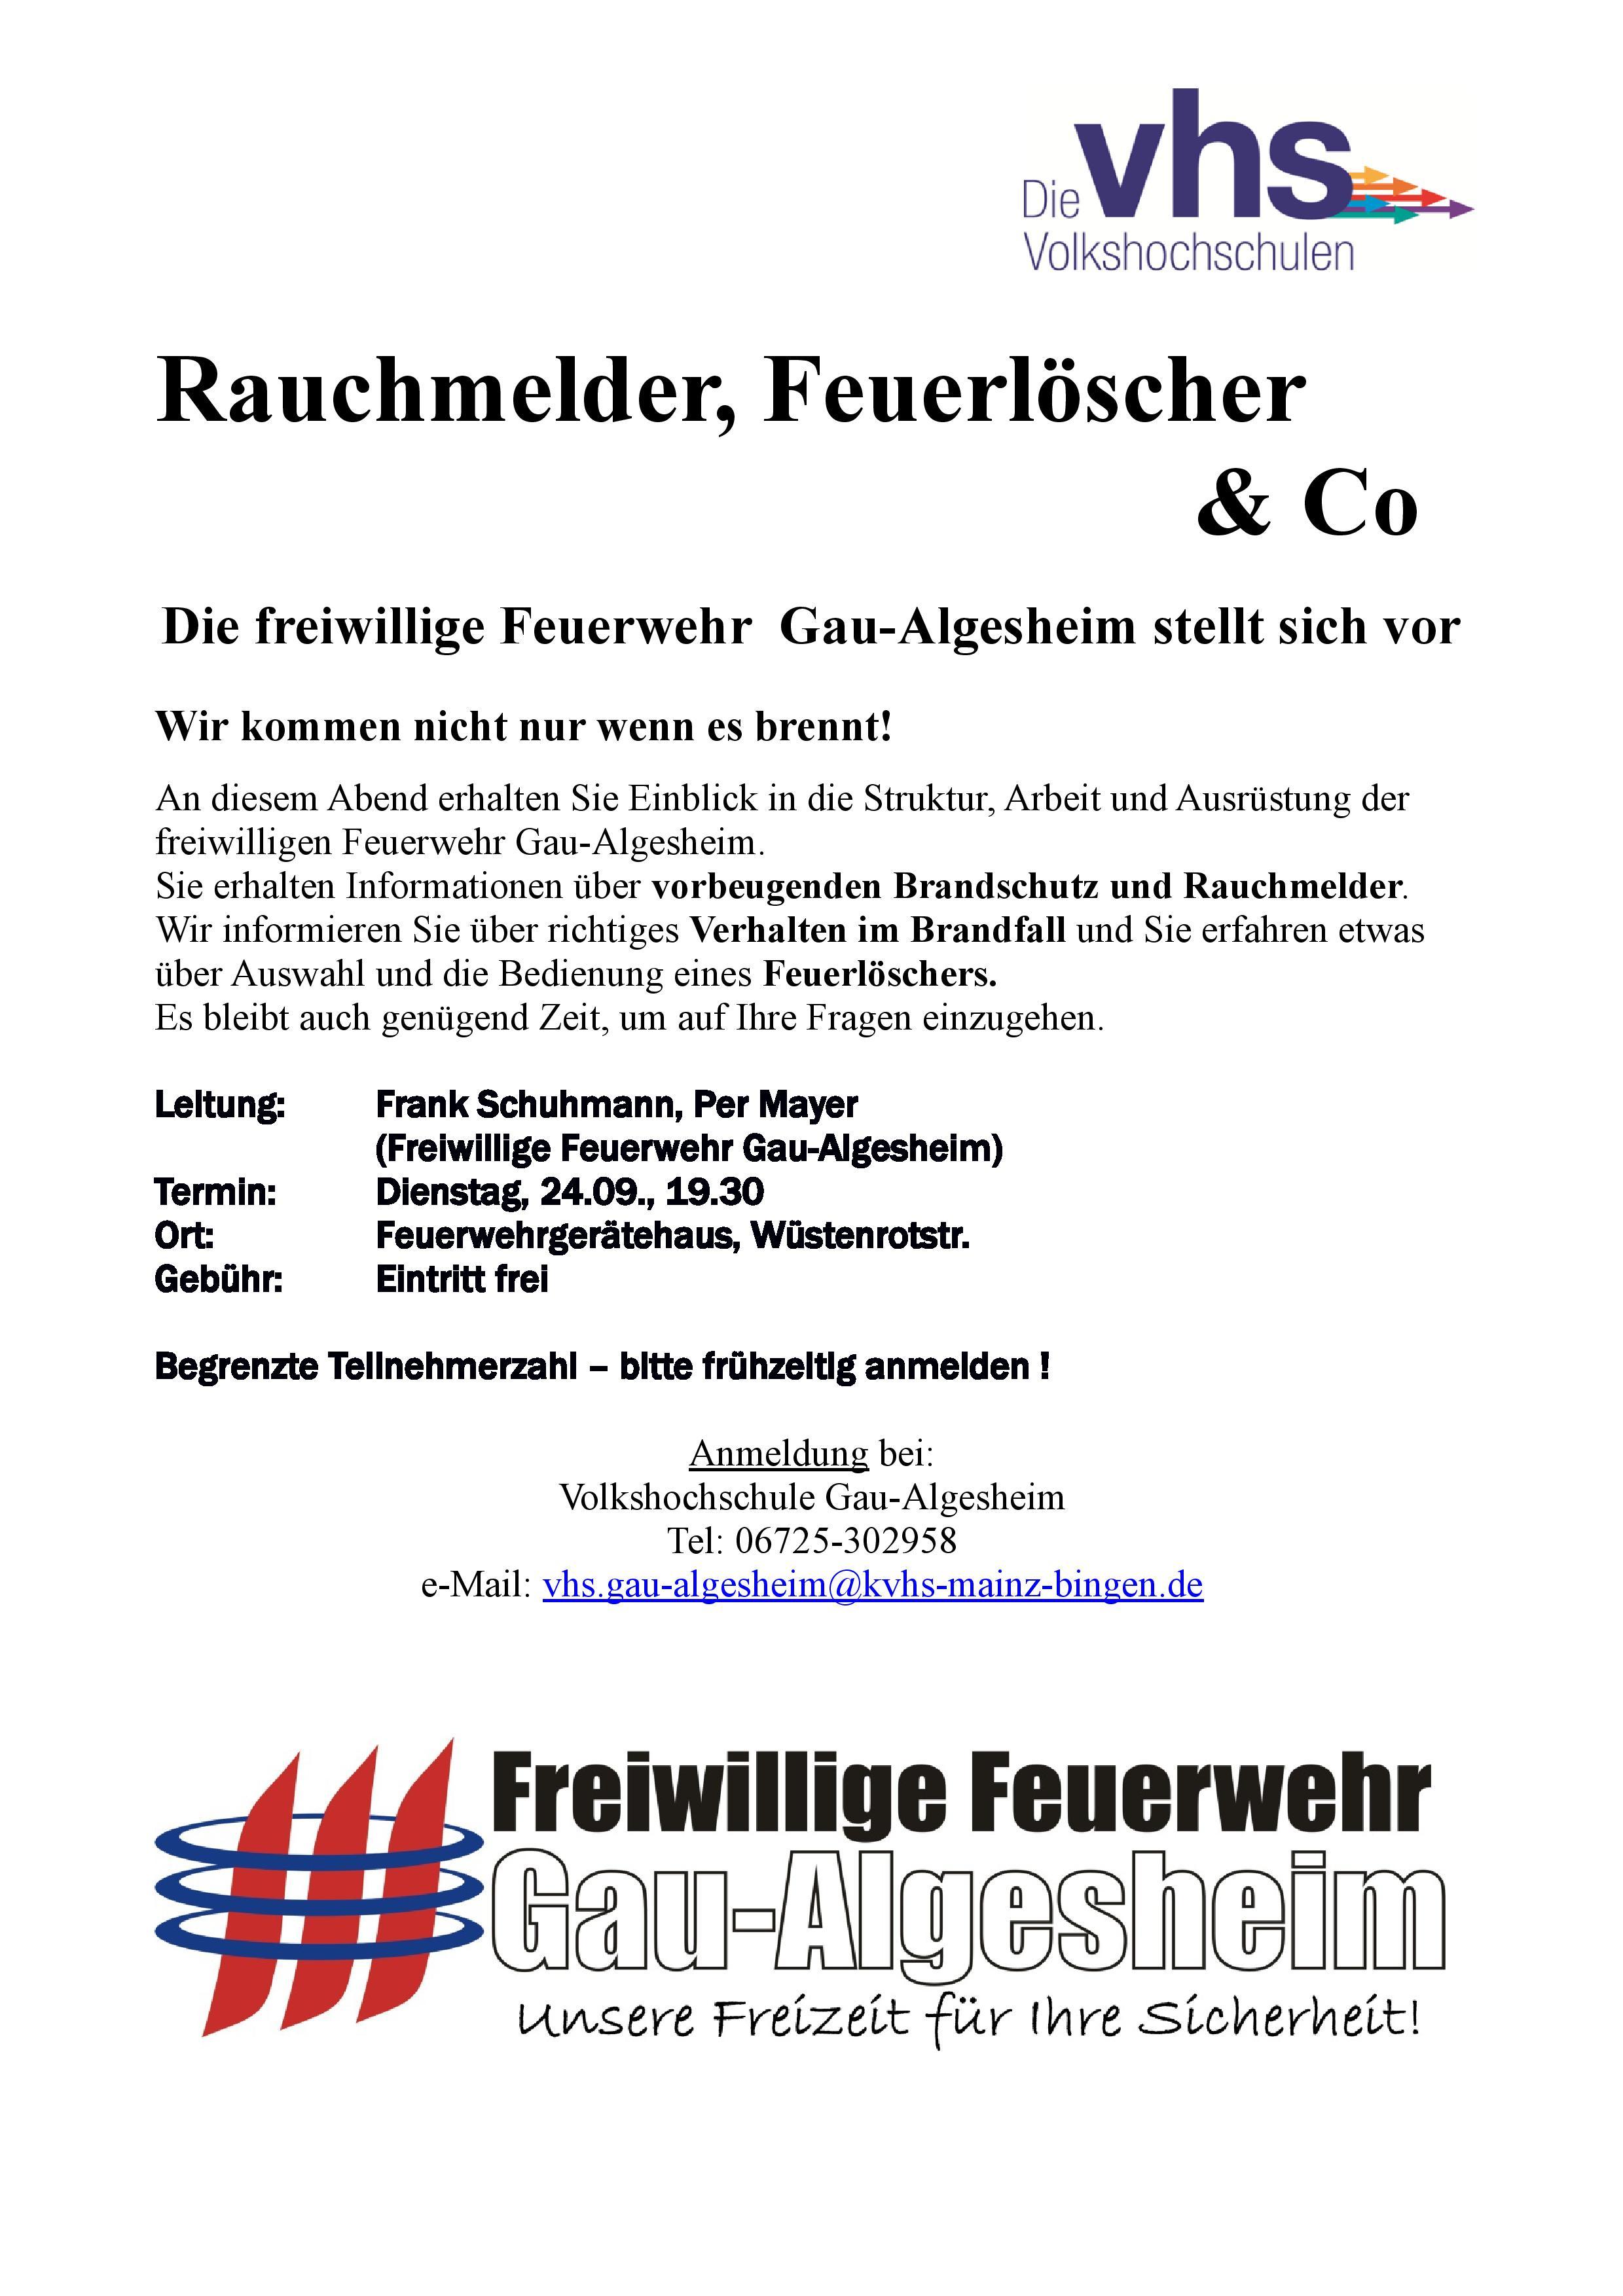 feuerwehr-2013